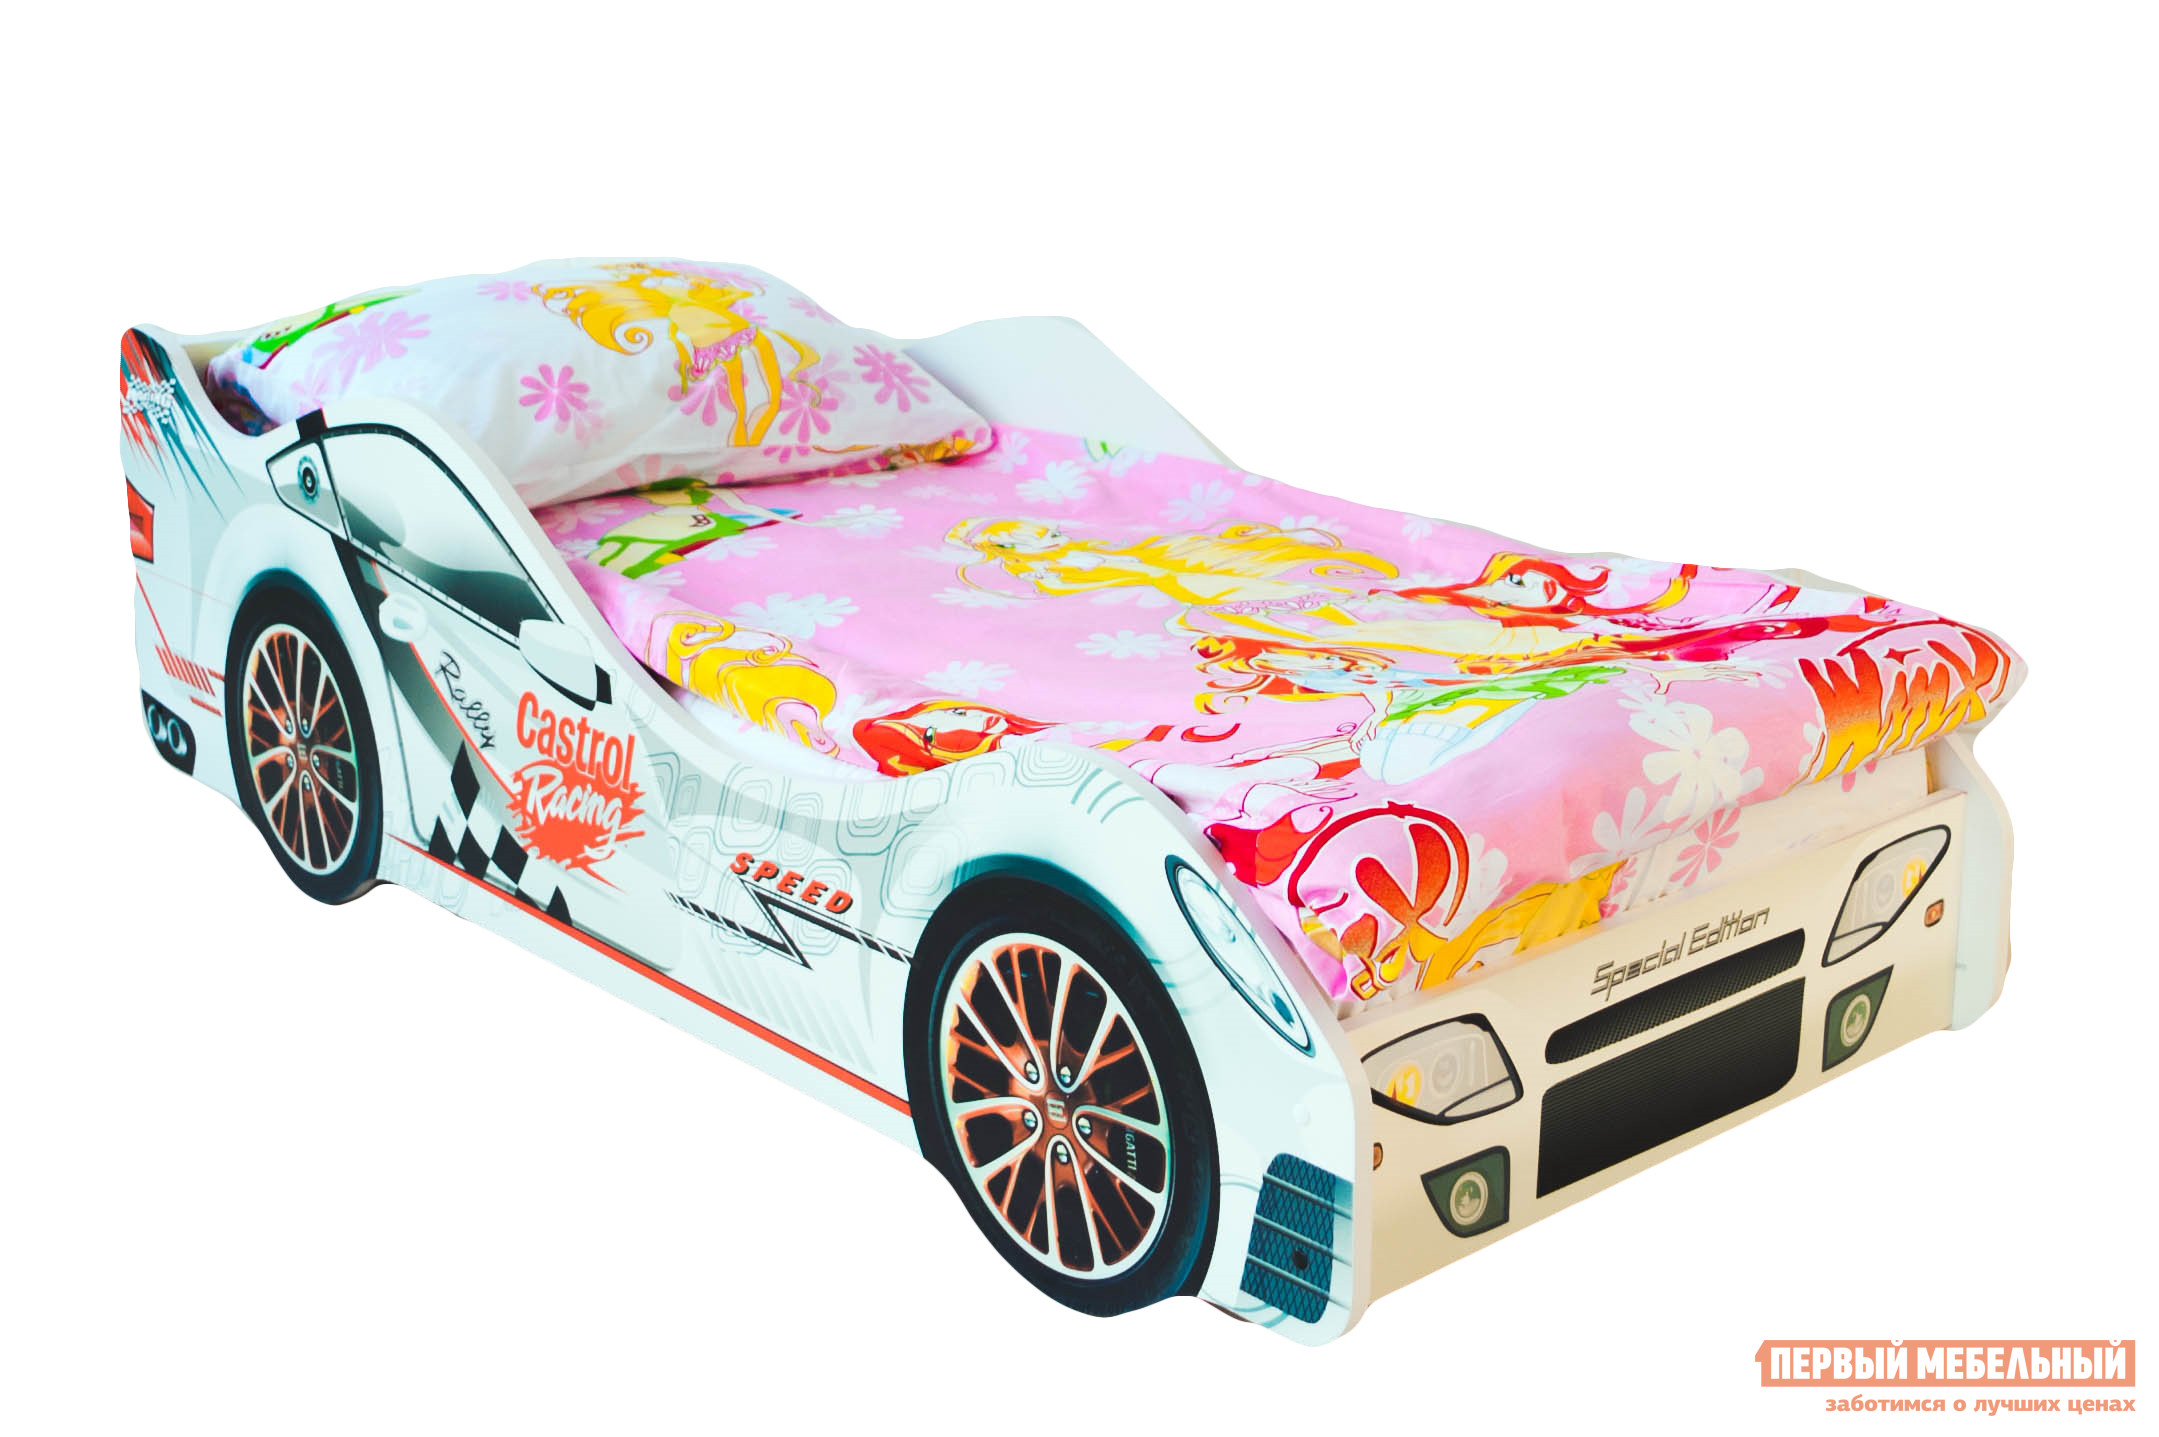 Детская кровать-машина от 3 лет Бельмарко Безмятежность